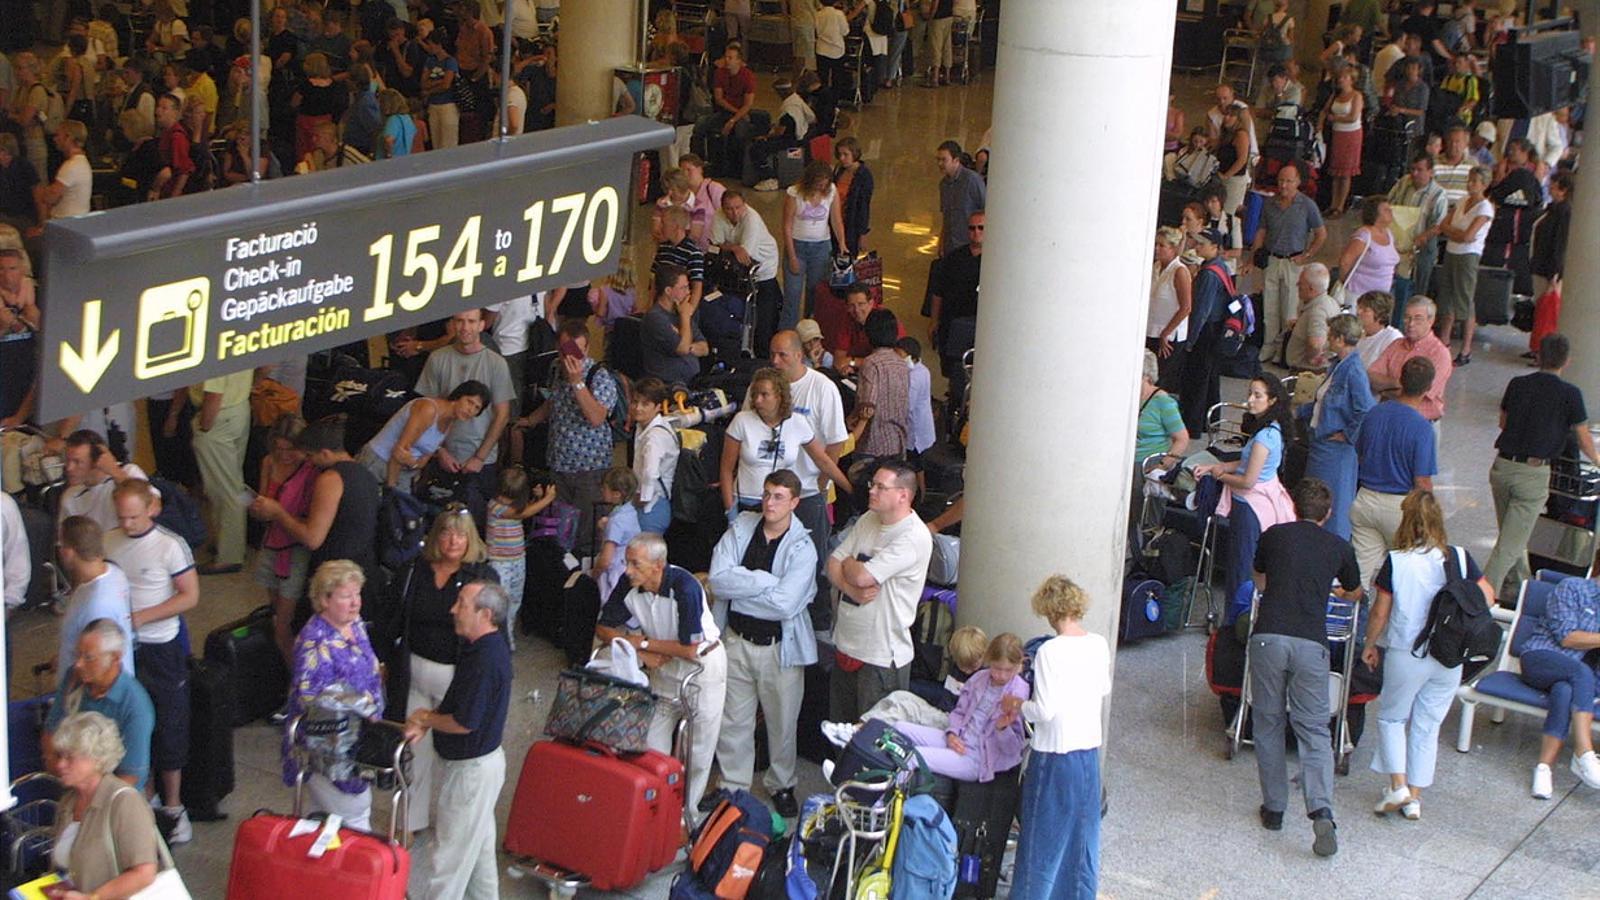 Els aeroports de les Illes recuperen aquest cap de setmana els nivells més alts d'activitat